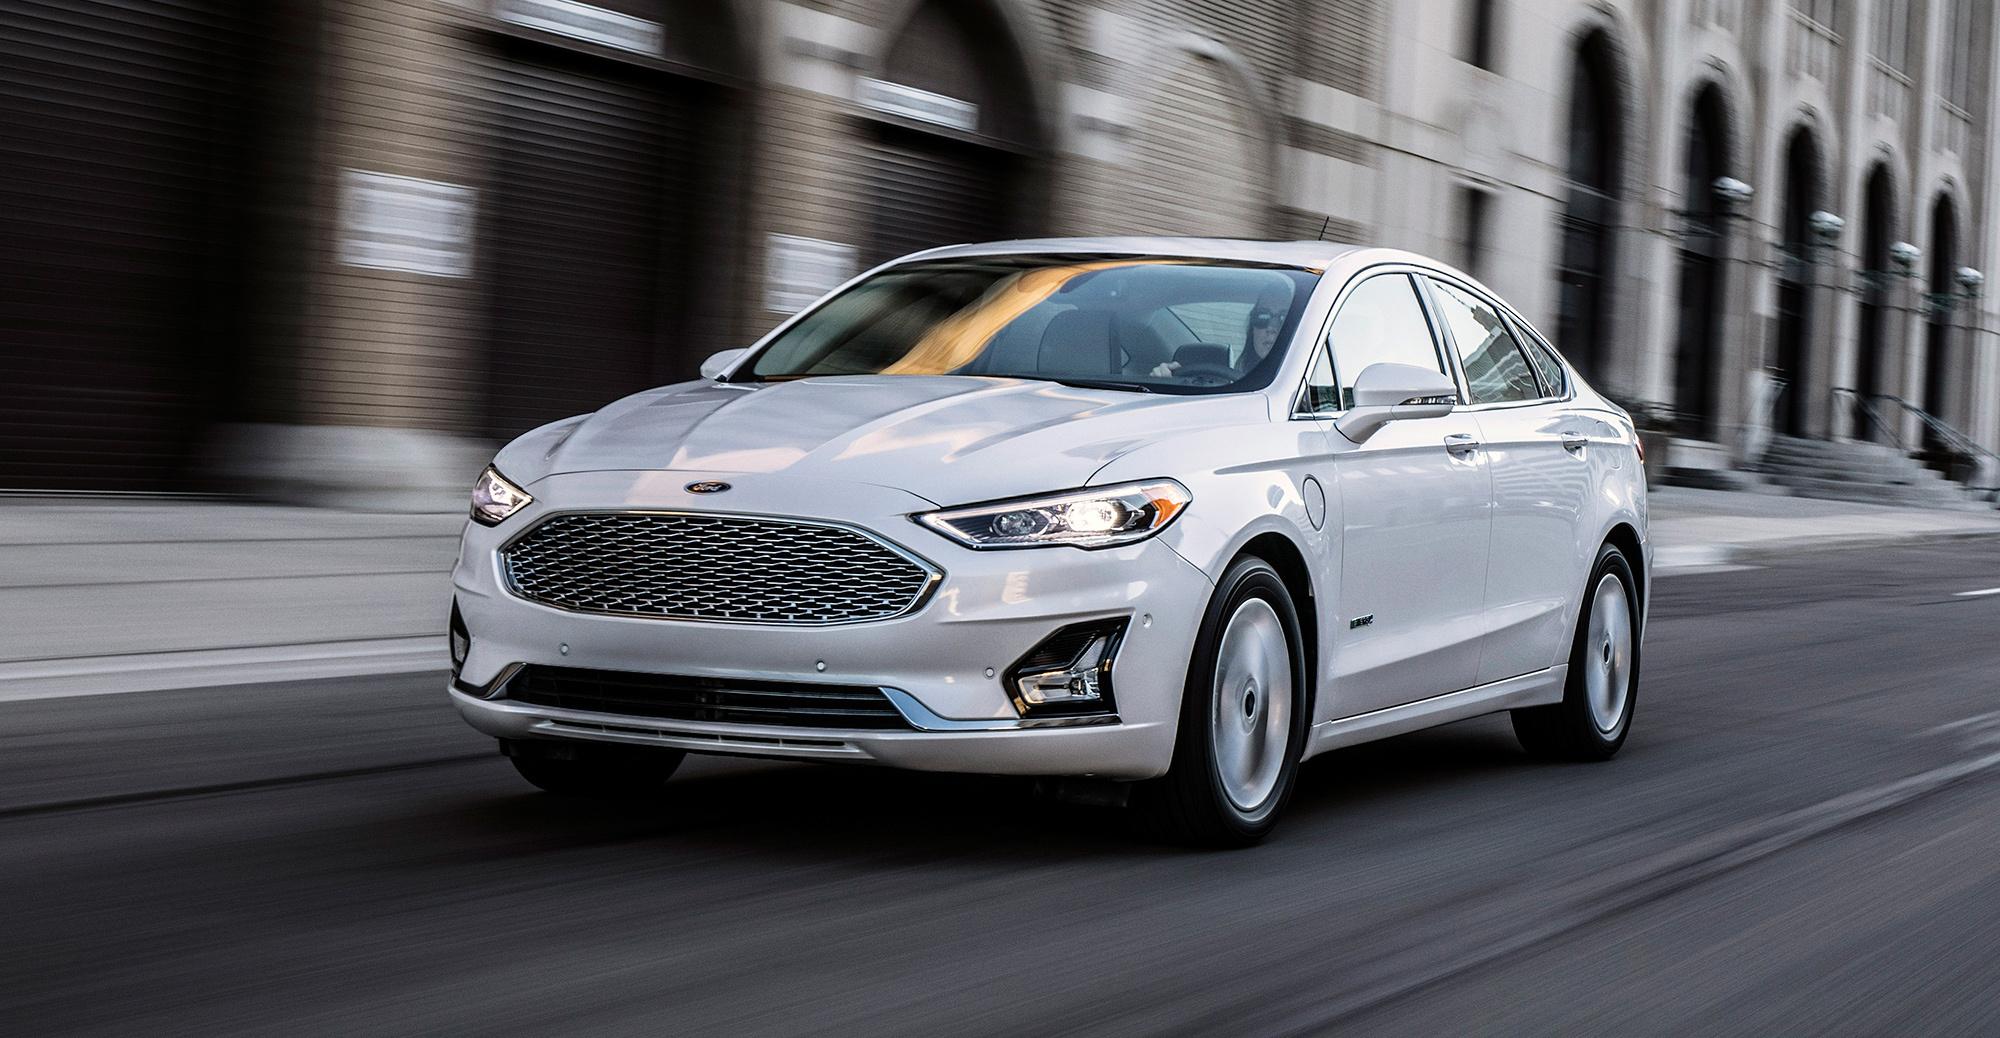 Улучшенный седан Форд Fusion 2019 получил ряд полезных опций